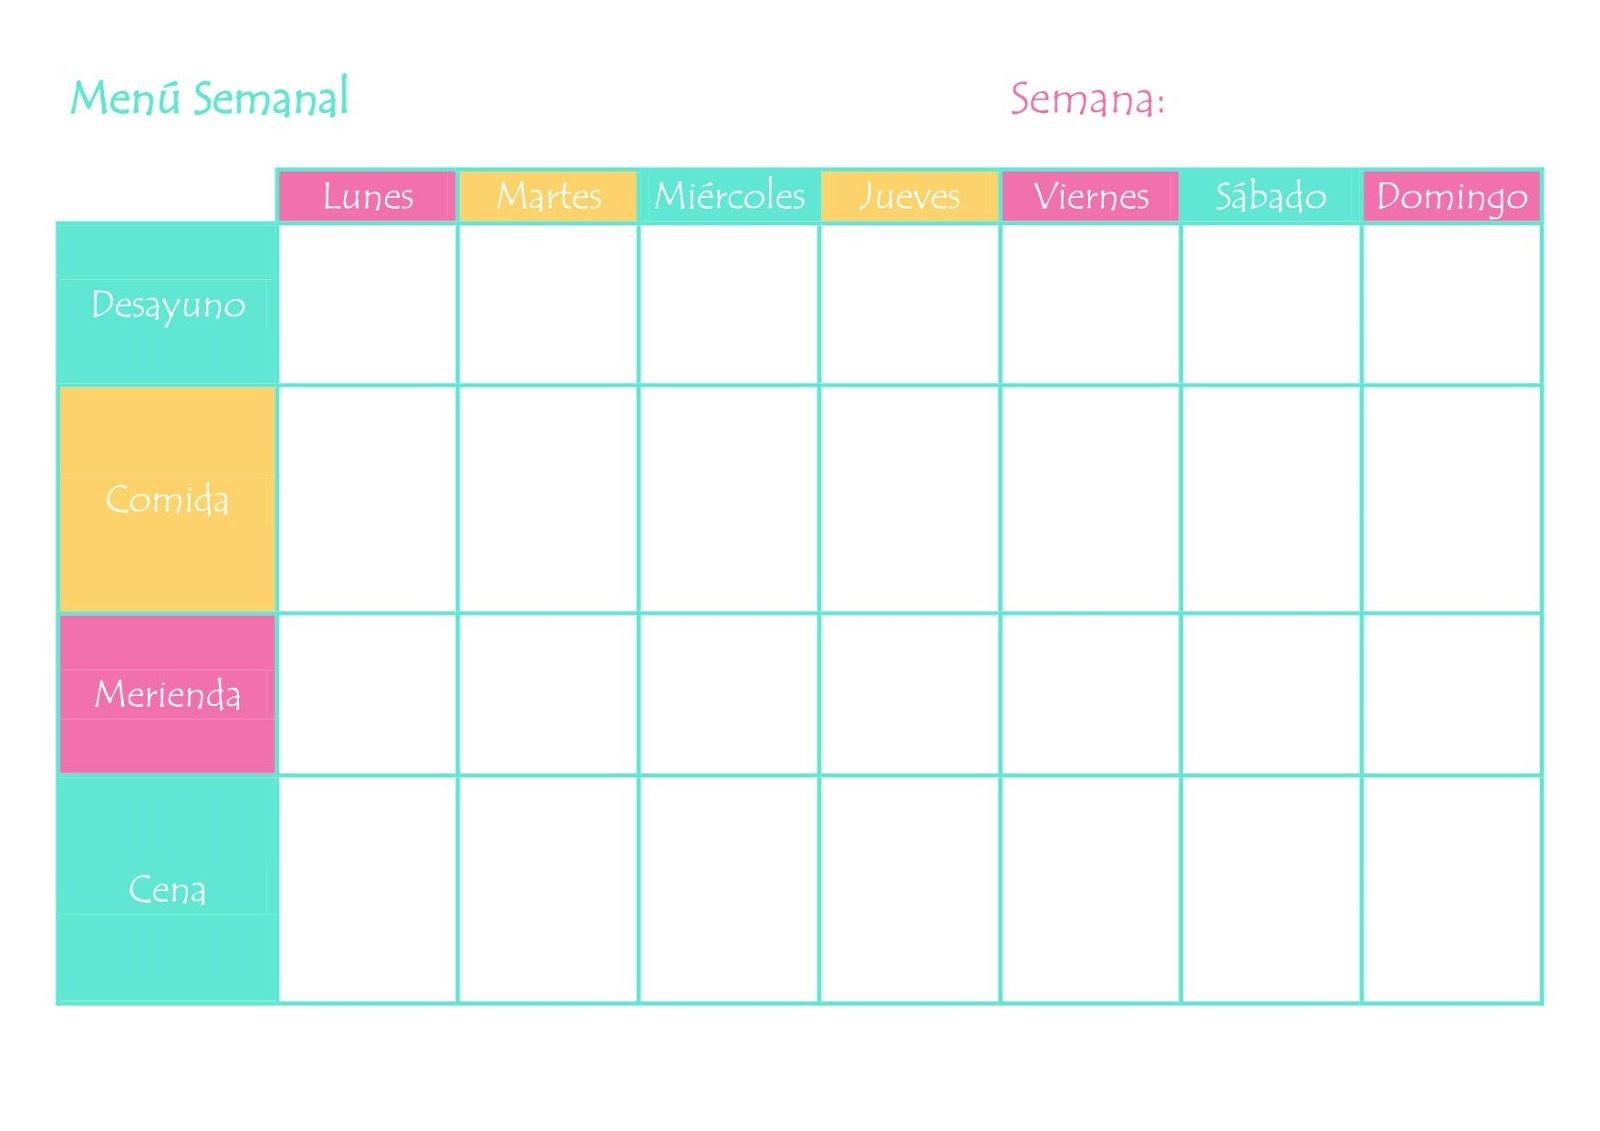 Cómo Organizar un Menú Semanal Sano y Equilibrado - Alrededor de Ana